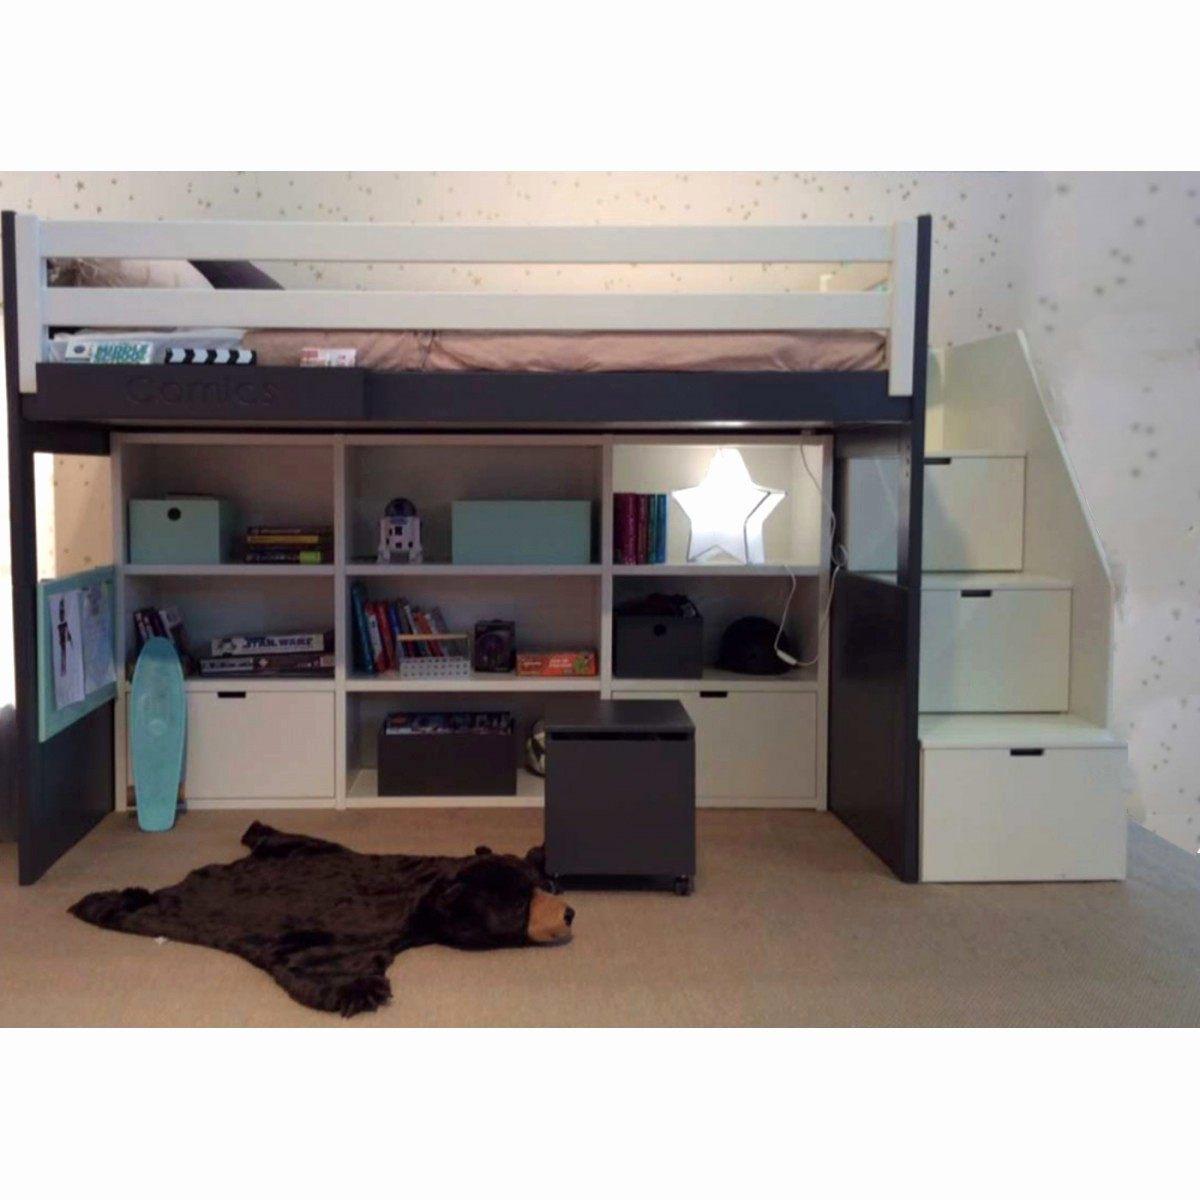 Fabriquer Un Lit Mezzanine Frais Lit Mezzanine Sur Mesure Charmant Lit Mezzanine 2 Places Blanc